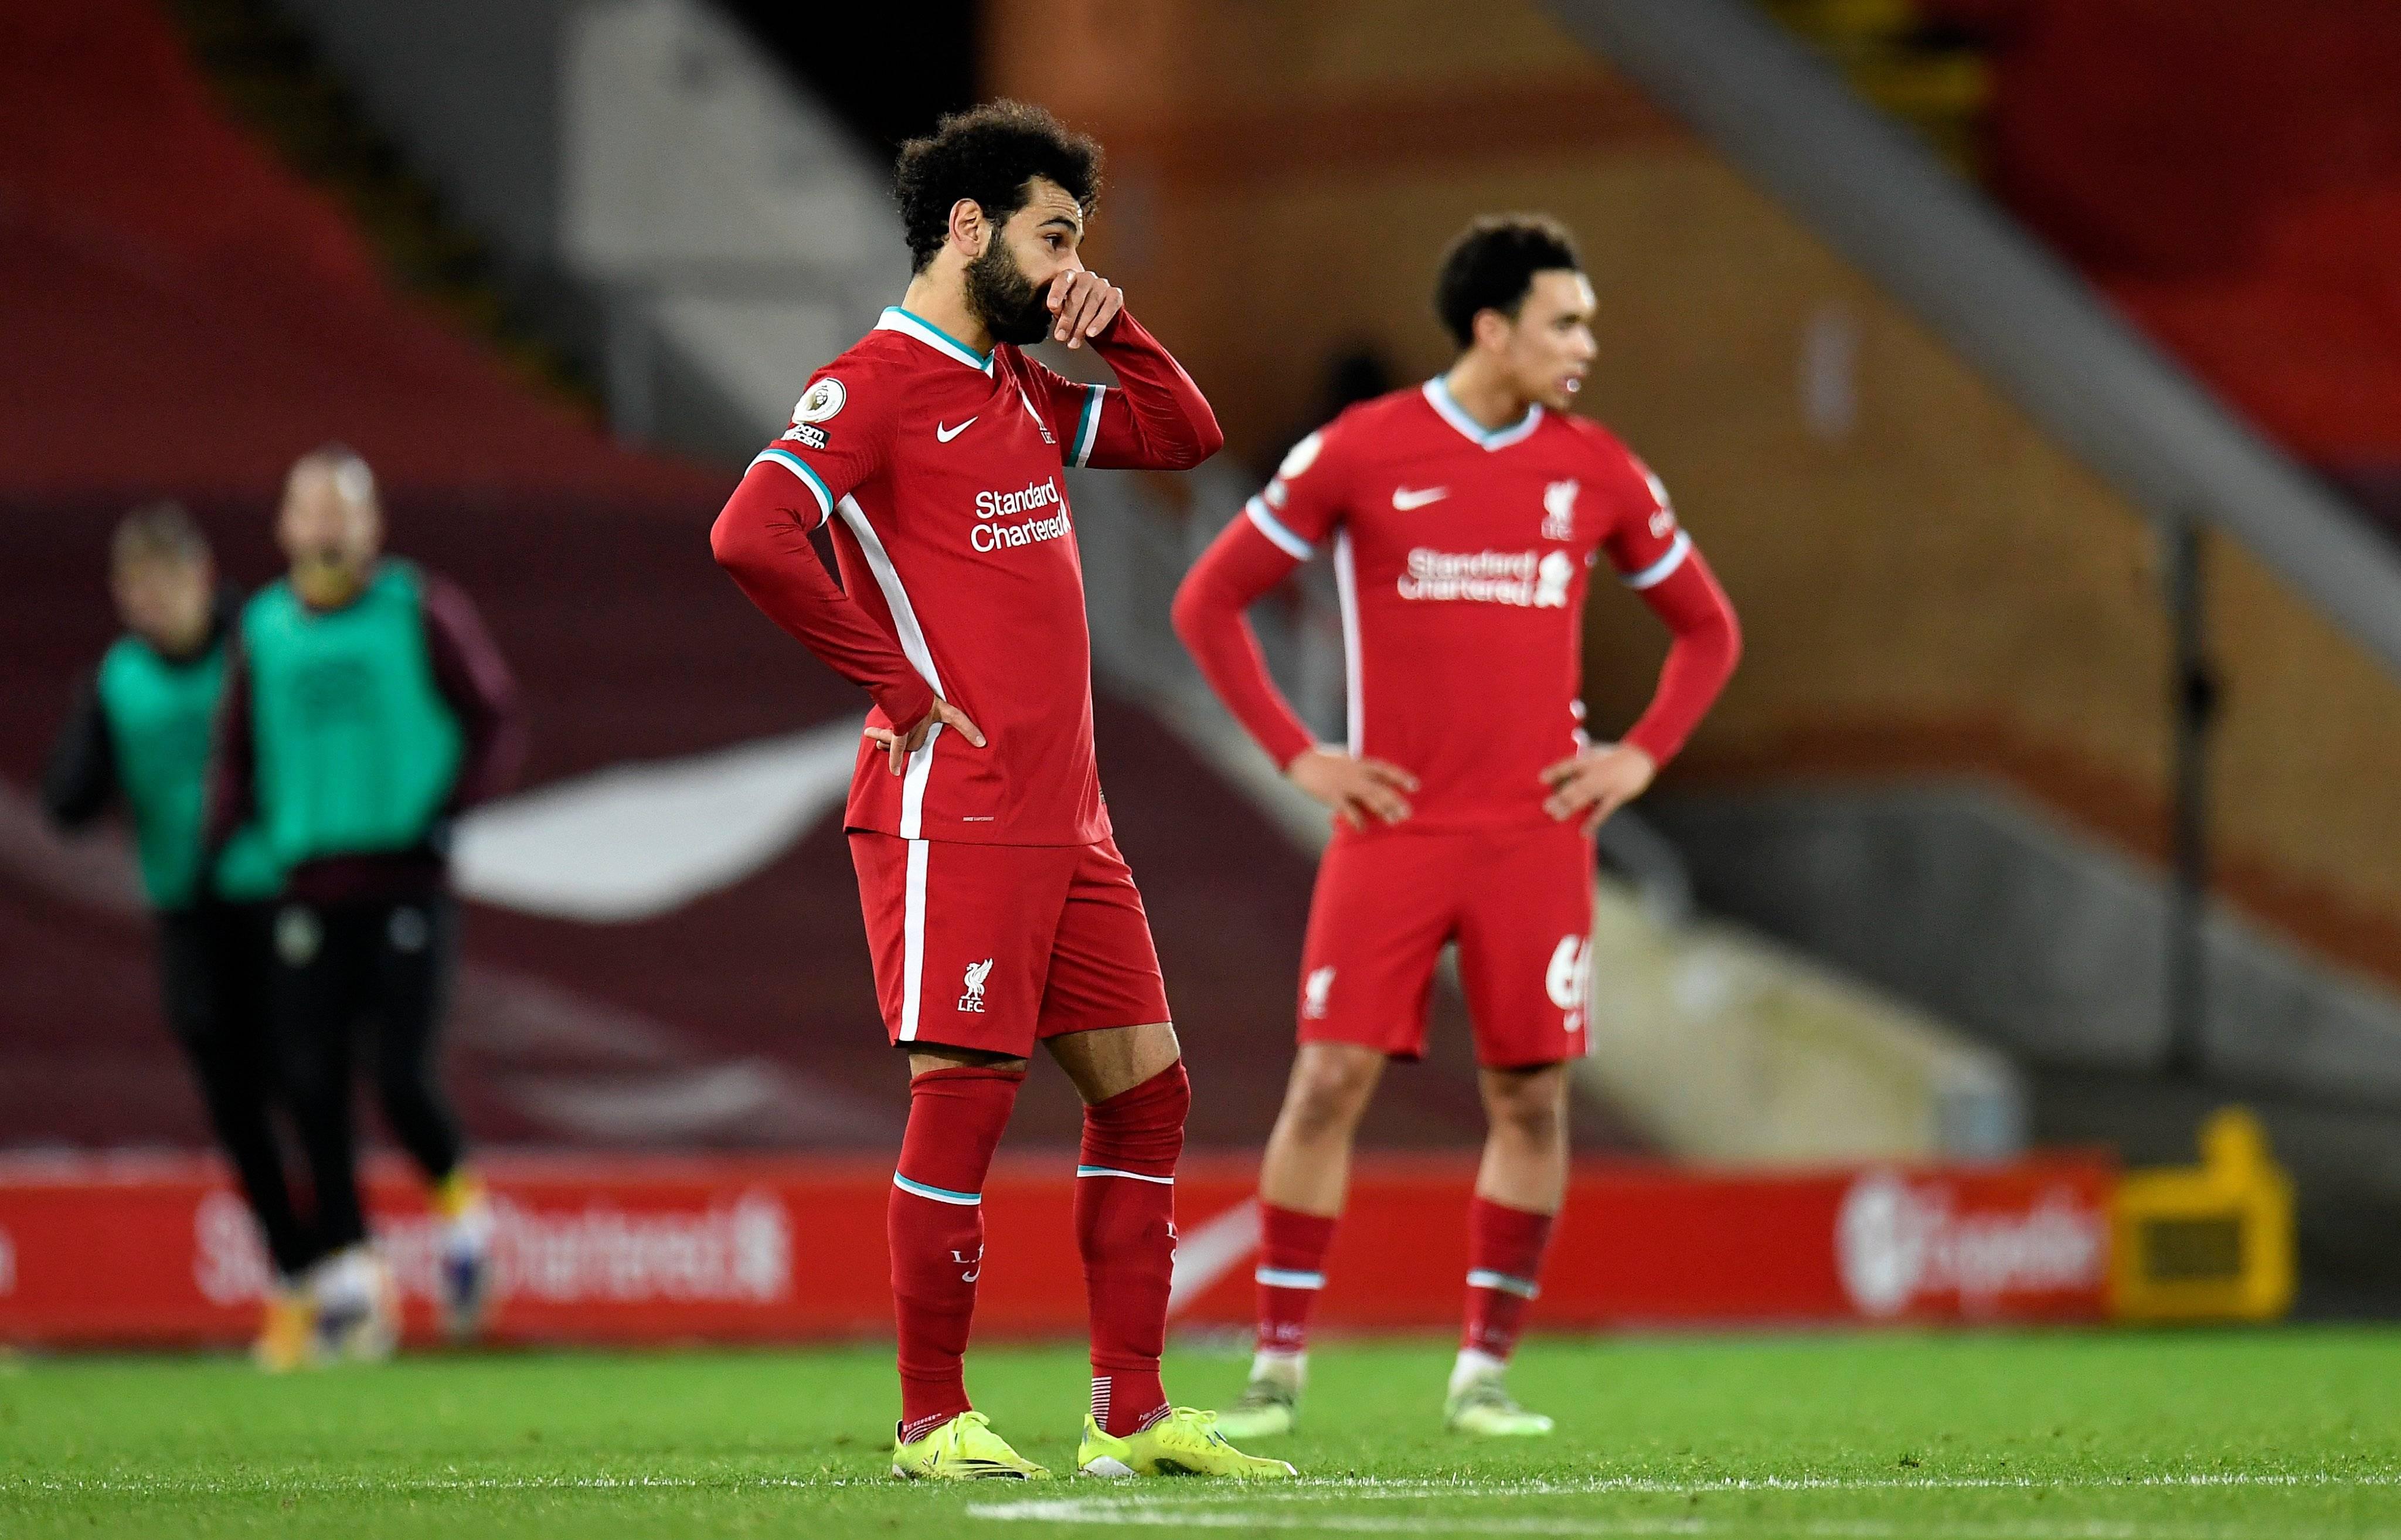 利物浦连续5轮不胜前4危在旦夕 已落后曼联达6分